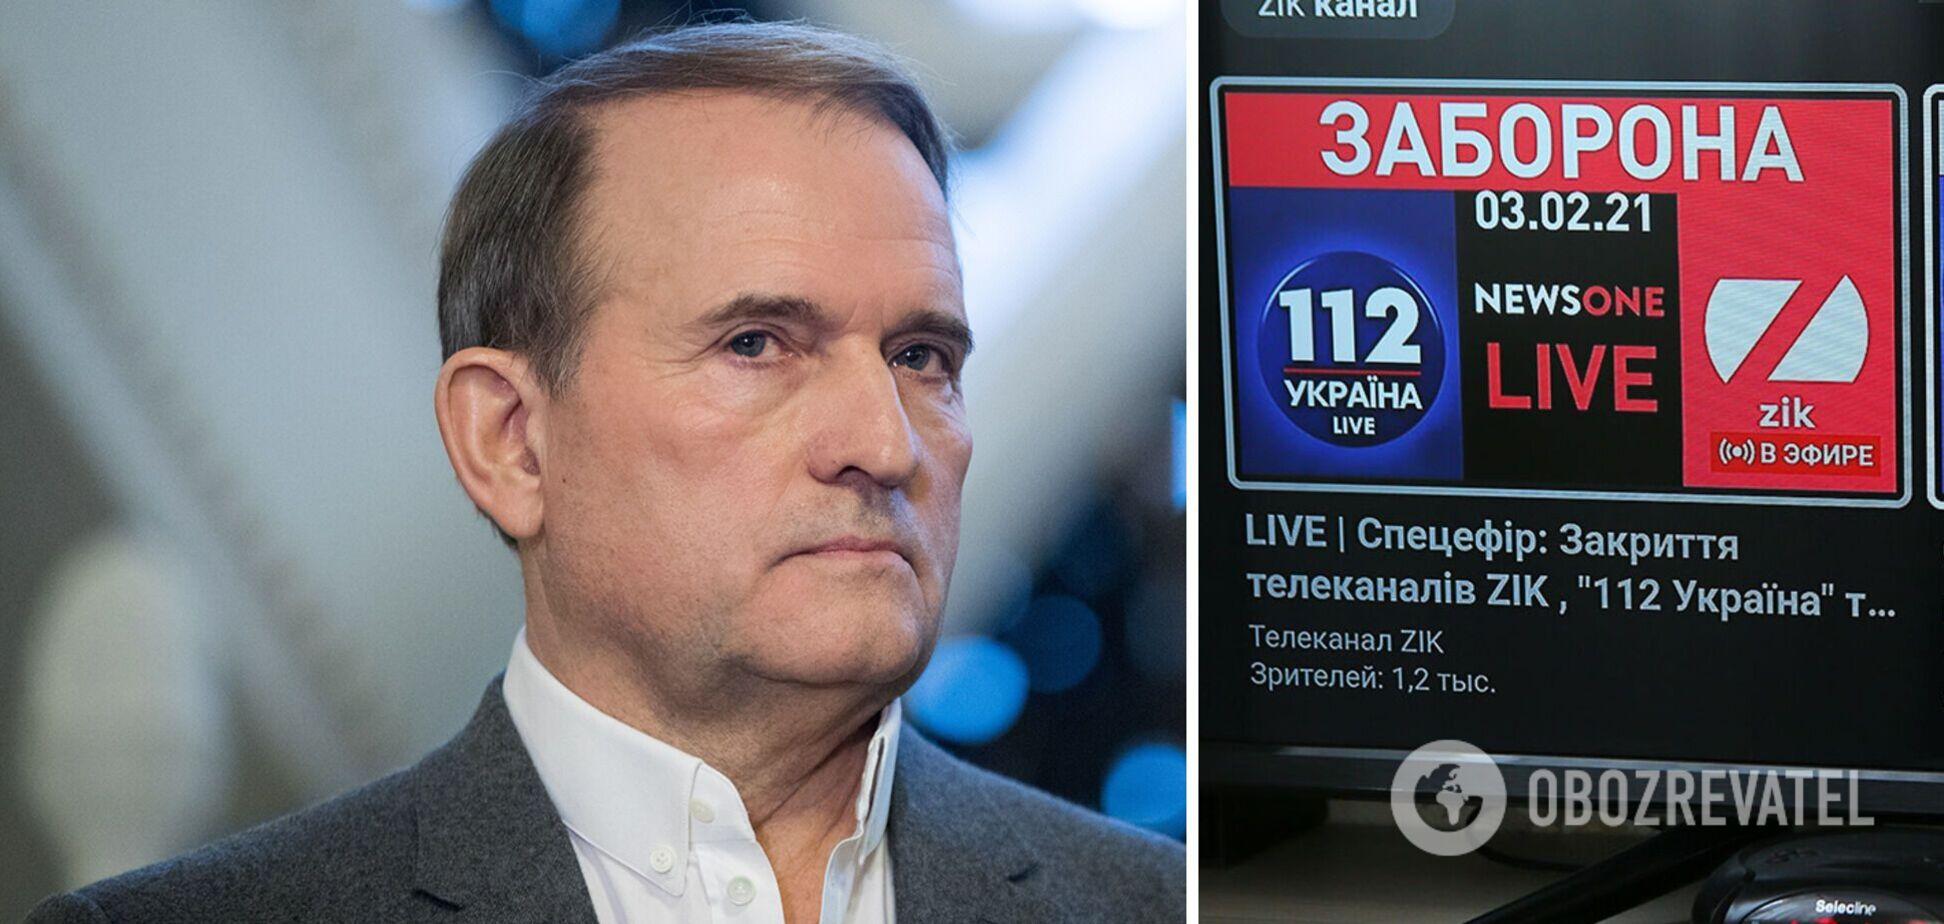 Один із телеканалів Медведчука оштрафували на 340 тисяч грн за 'реванш соросятні'